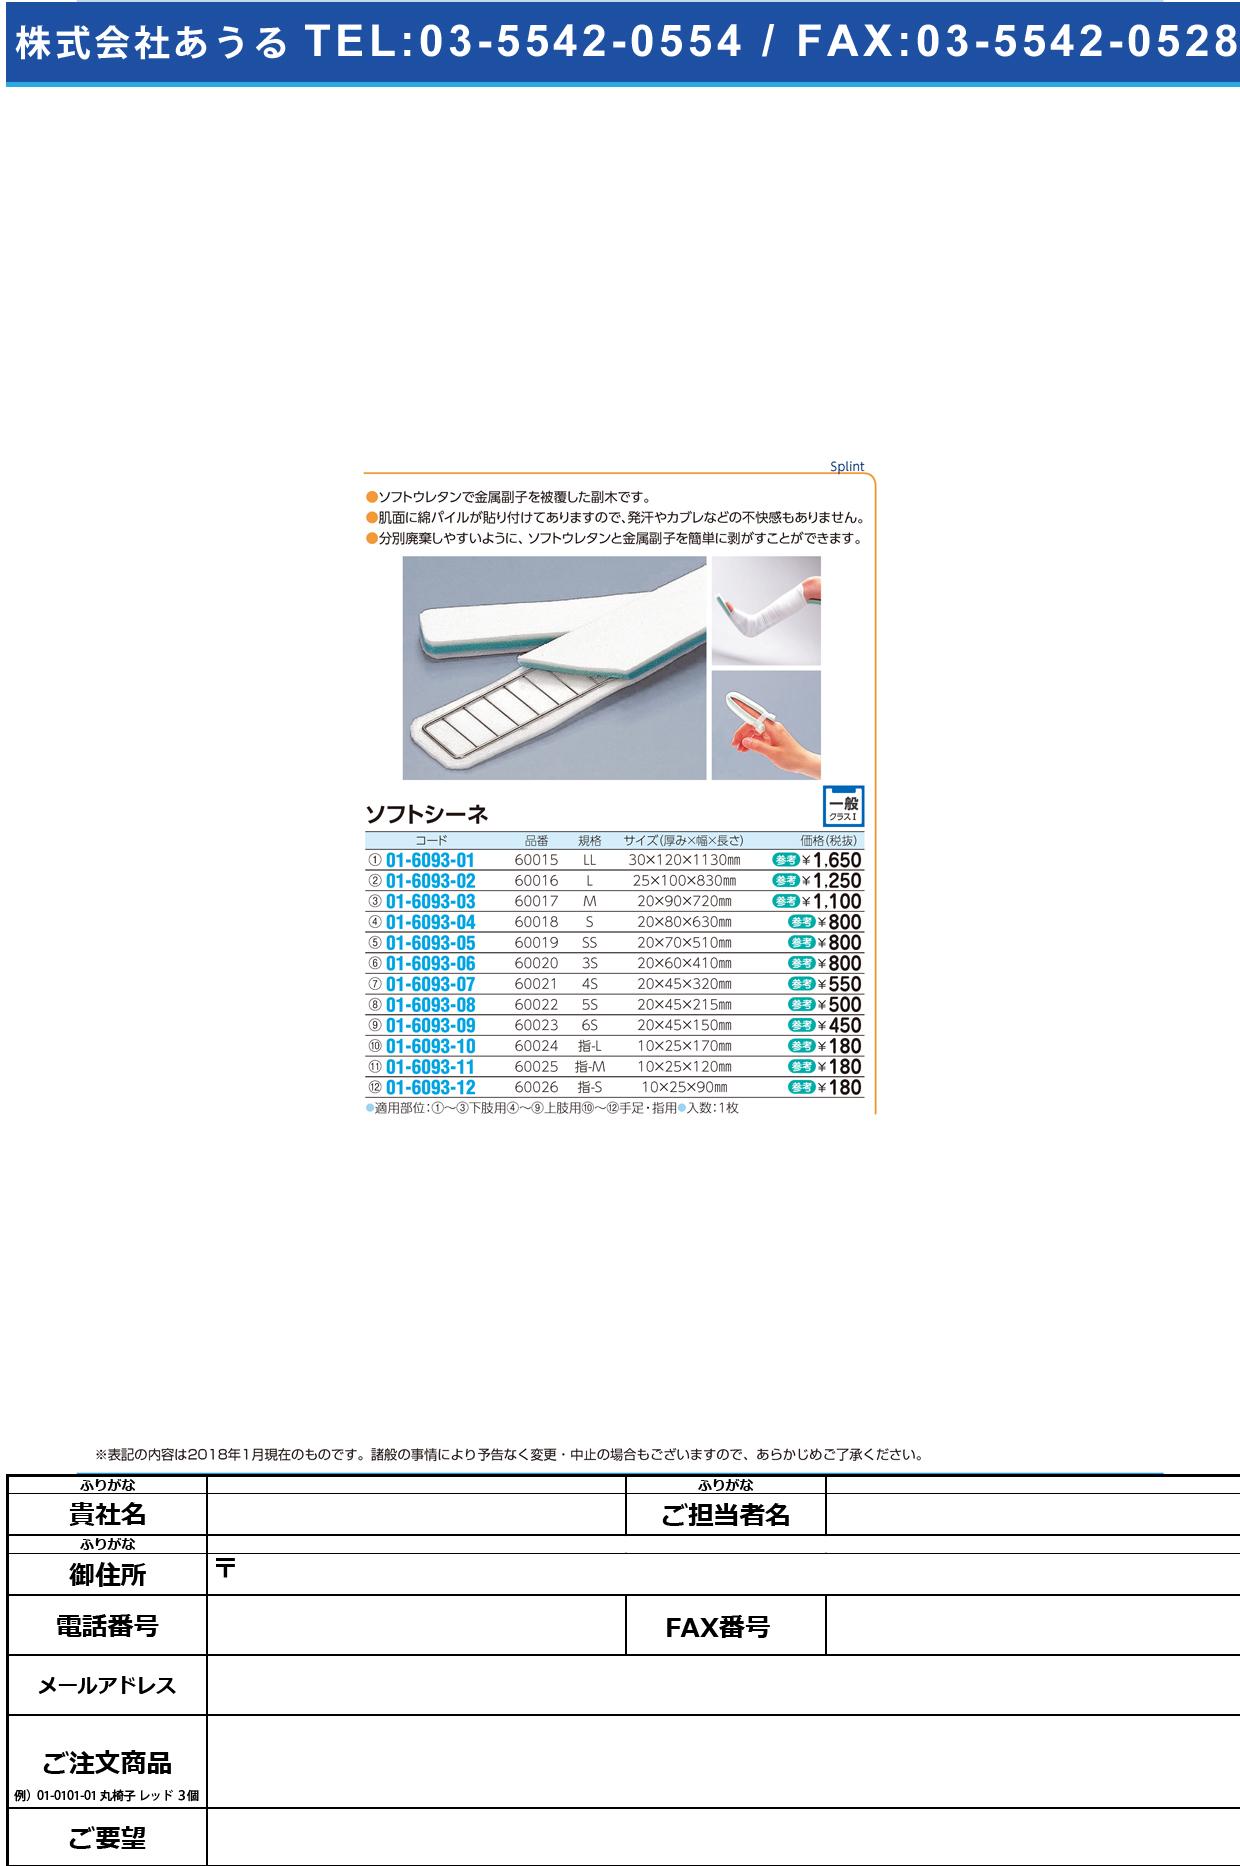 (01-6093-06)オオサキソフトシーネ(3S) 60020(20X60X410MM) オオサキソフトシーネ3S(オオサキメディカル)【1本単位】【2018年カタログ商品】